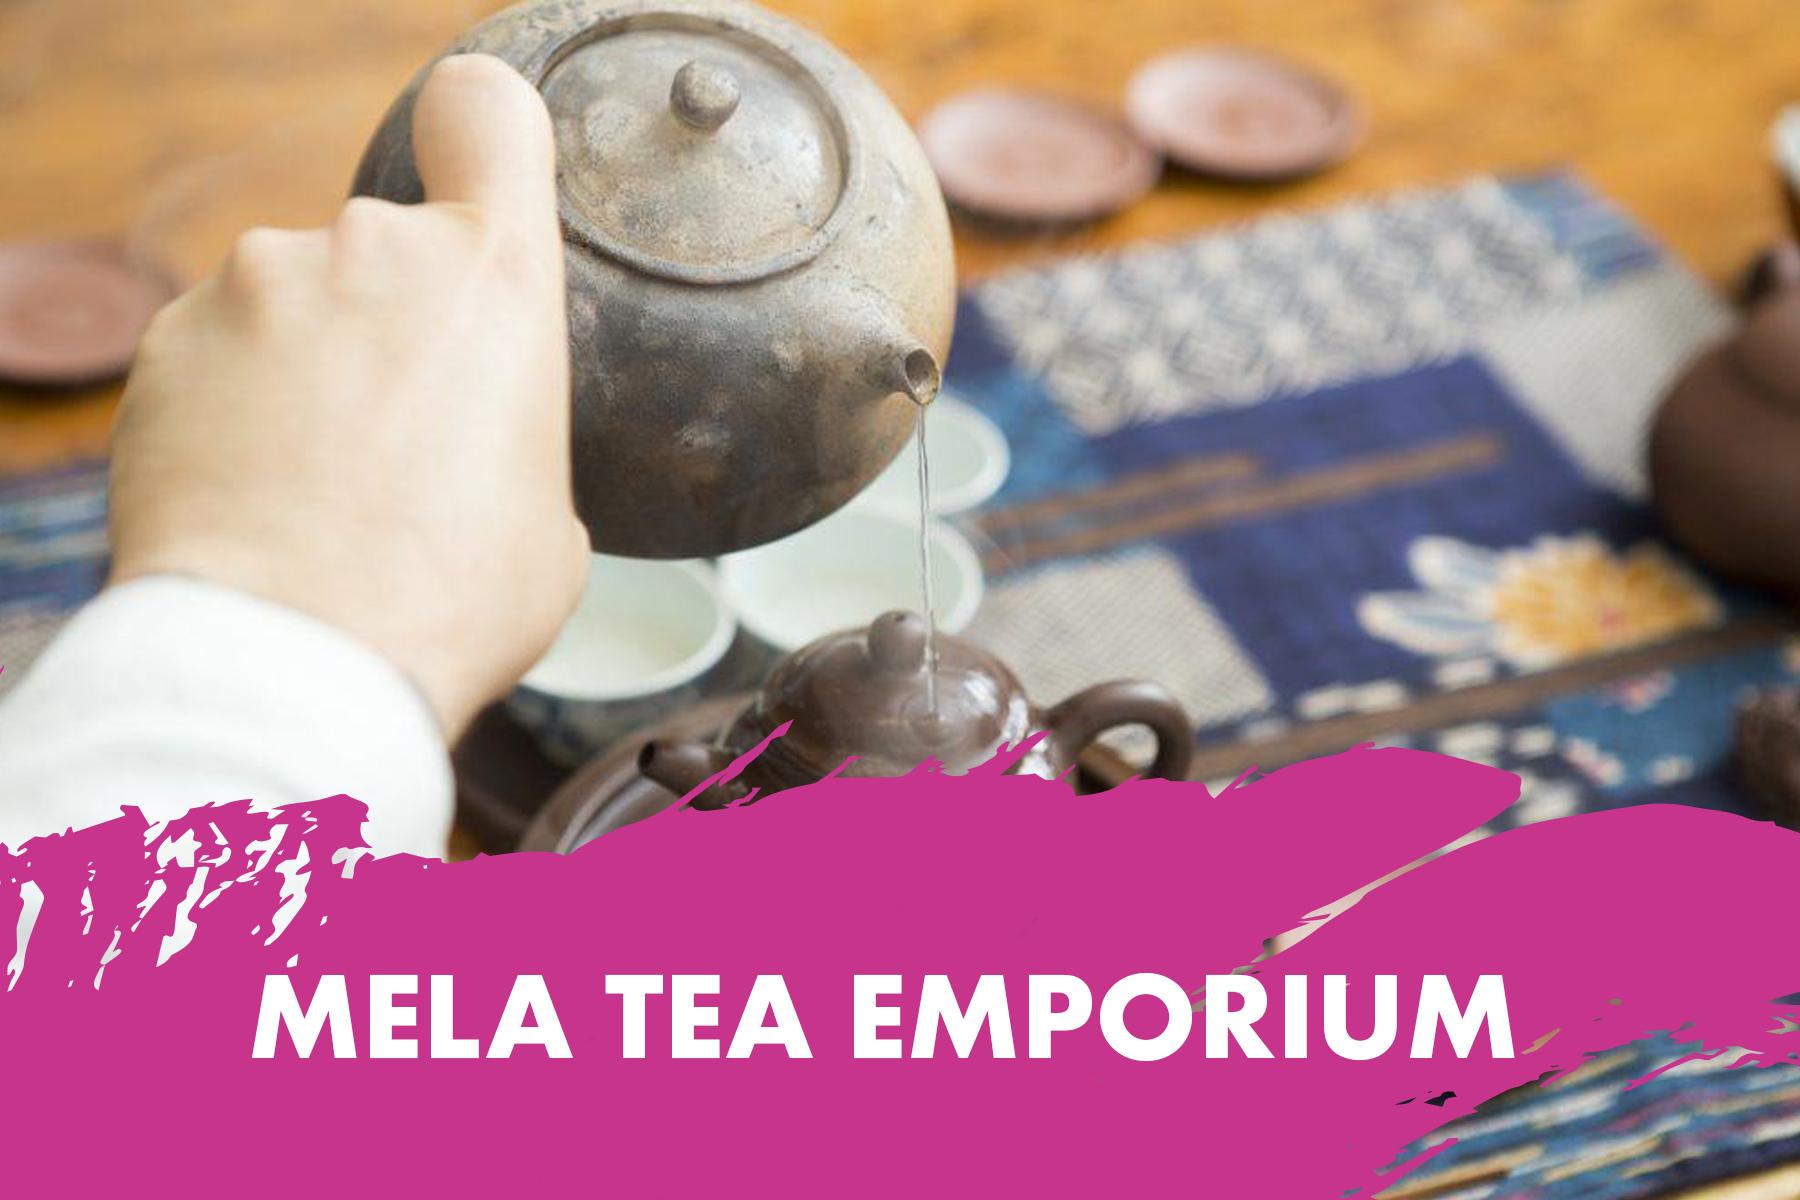 mela-tea-emporium_LARGE.jpg